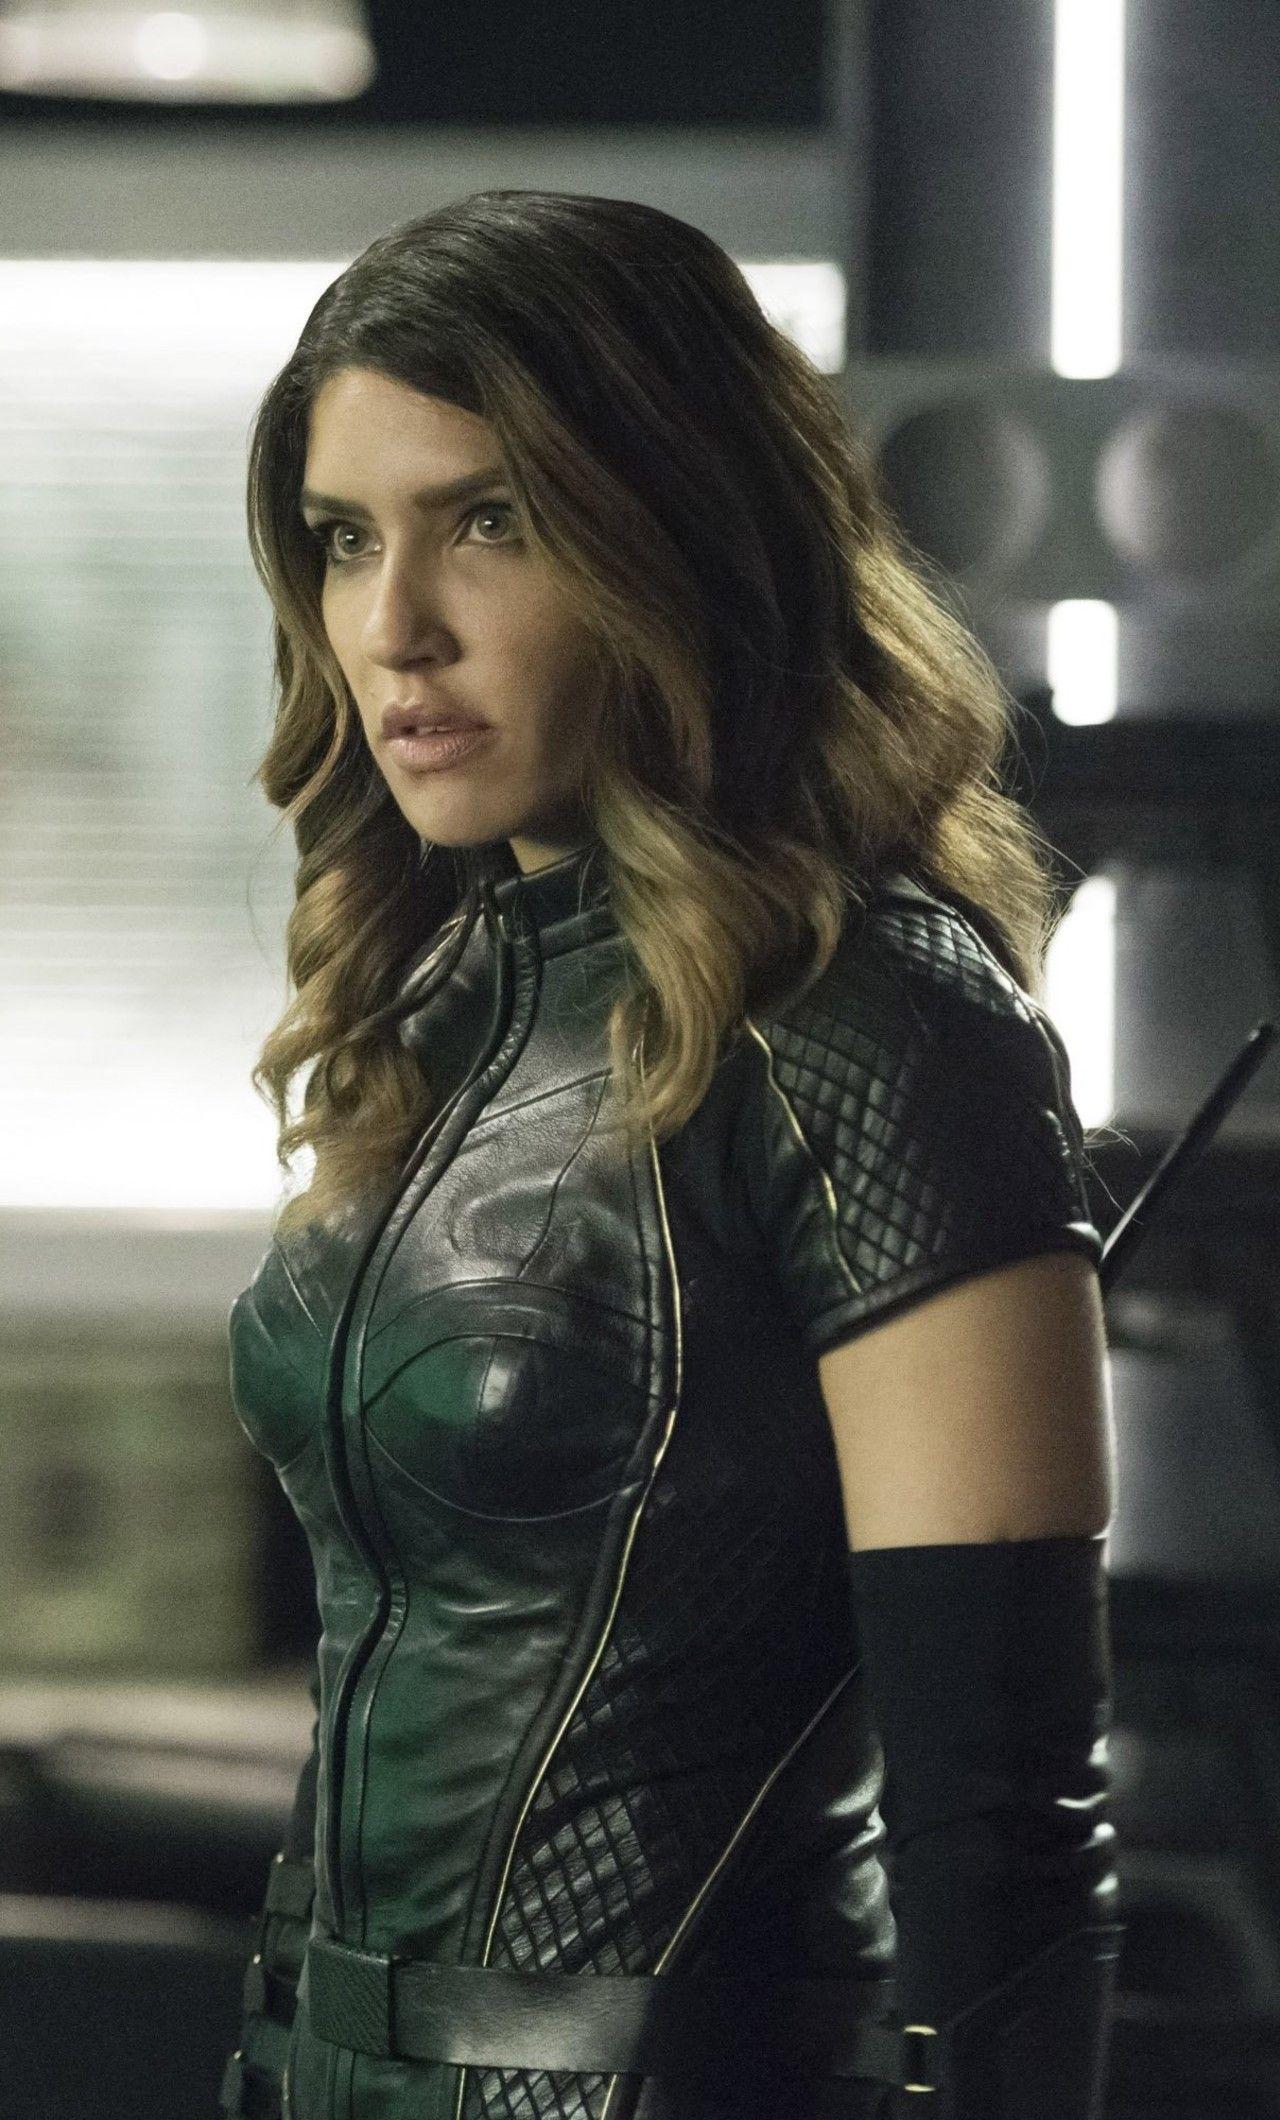 Juliana Harkavy As Dinah Drake In Arrow In 1280x2120 Resolution Dinah Drake Black Canary Arrow Black Canary